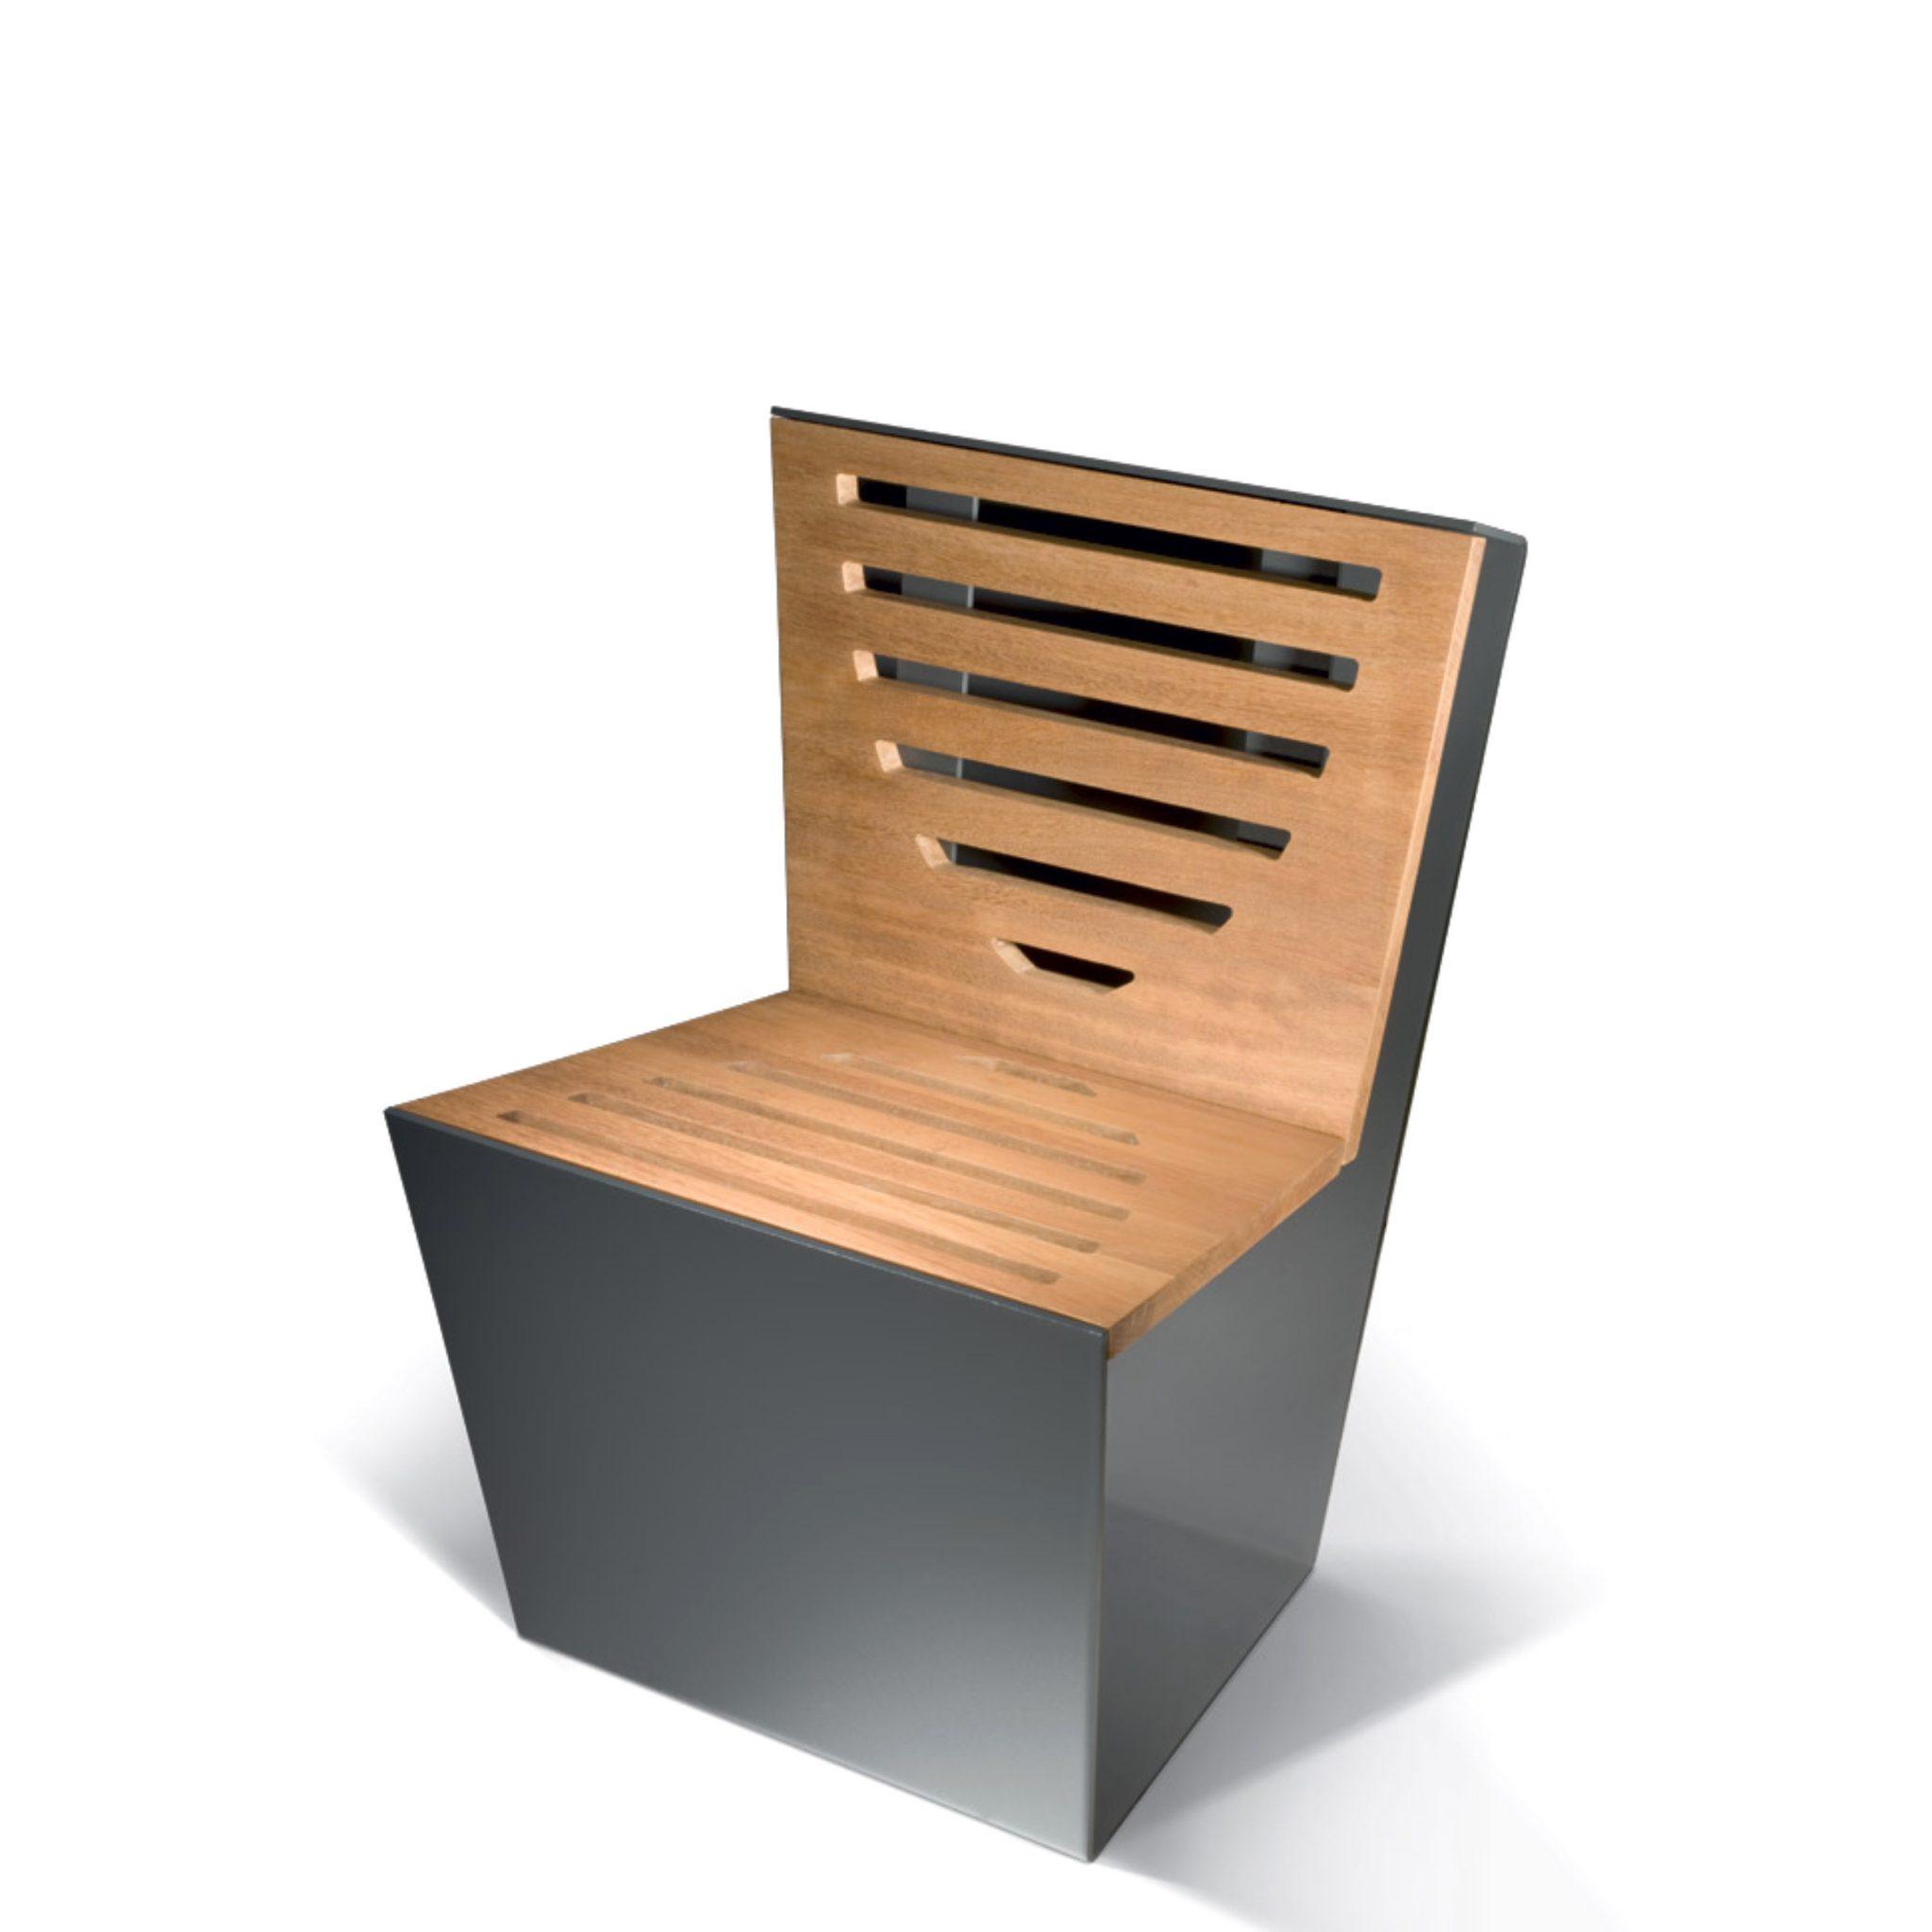 Single sedia arredo urbano LAB23